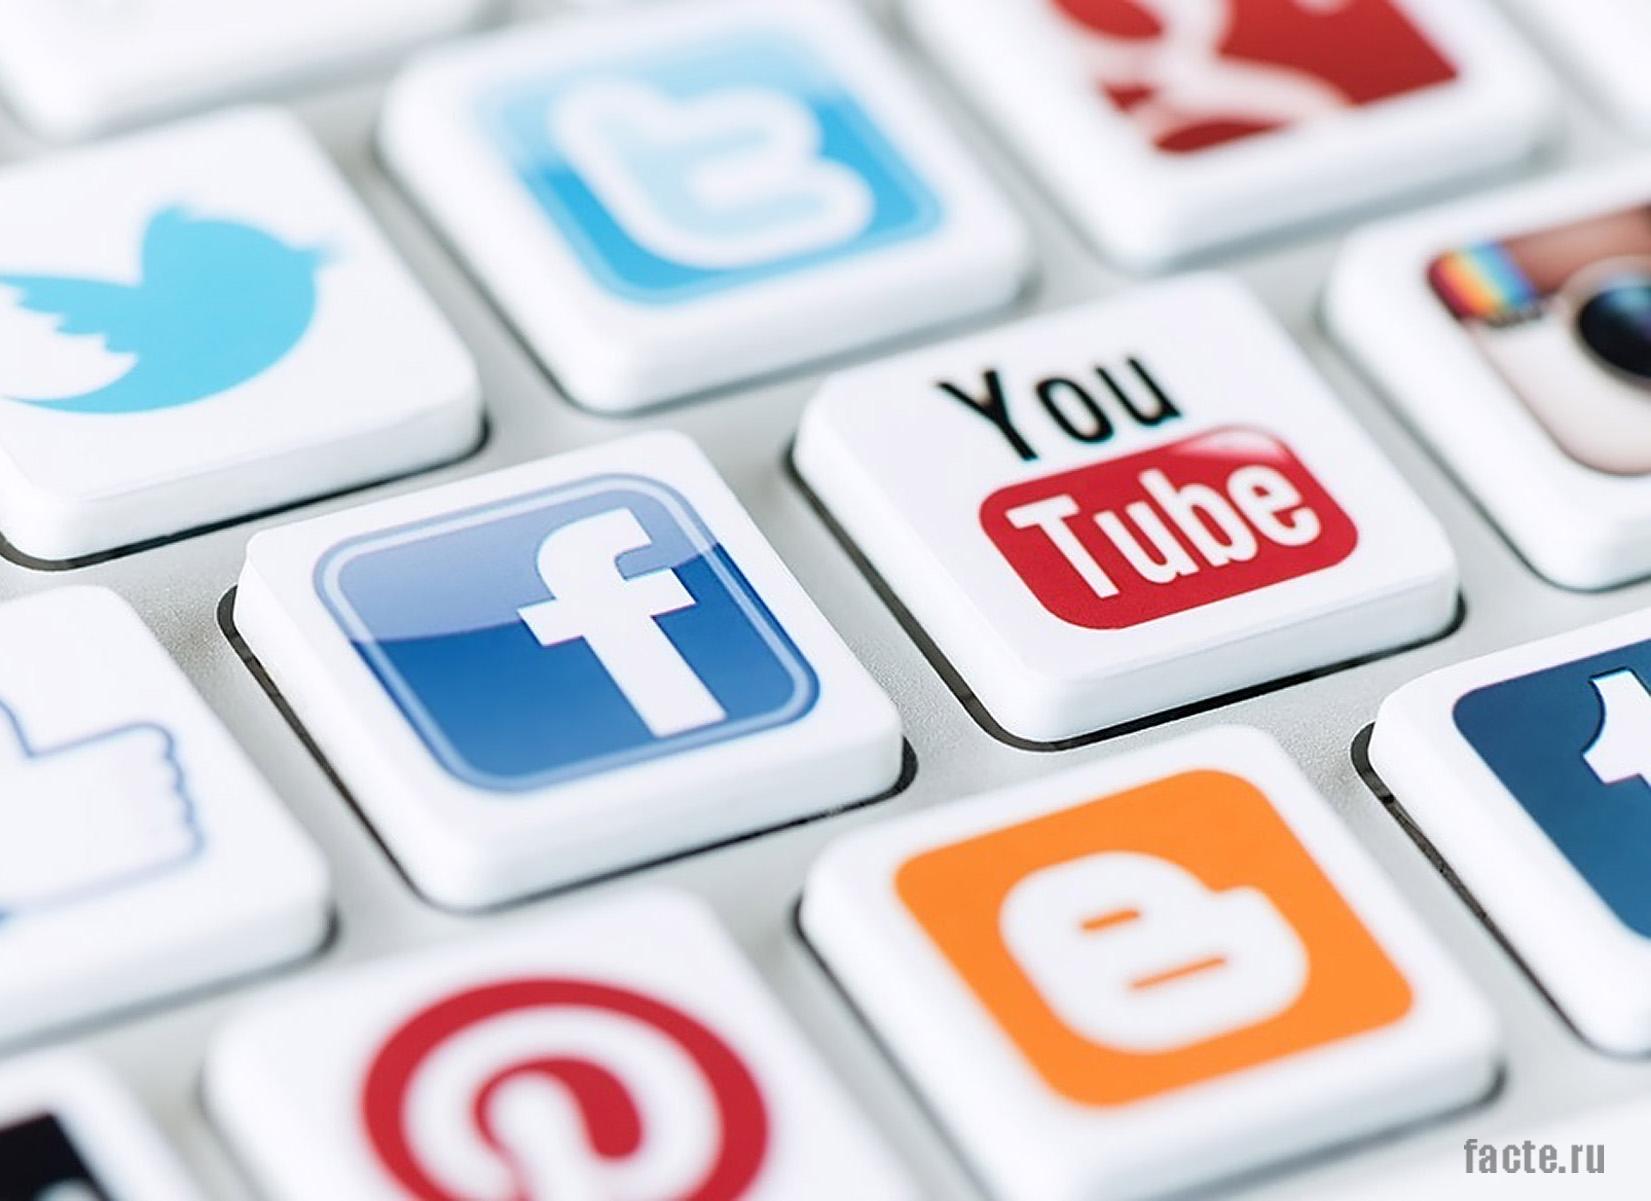 Самые популярные соцсети и их различия